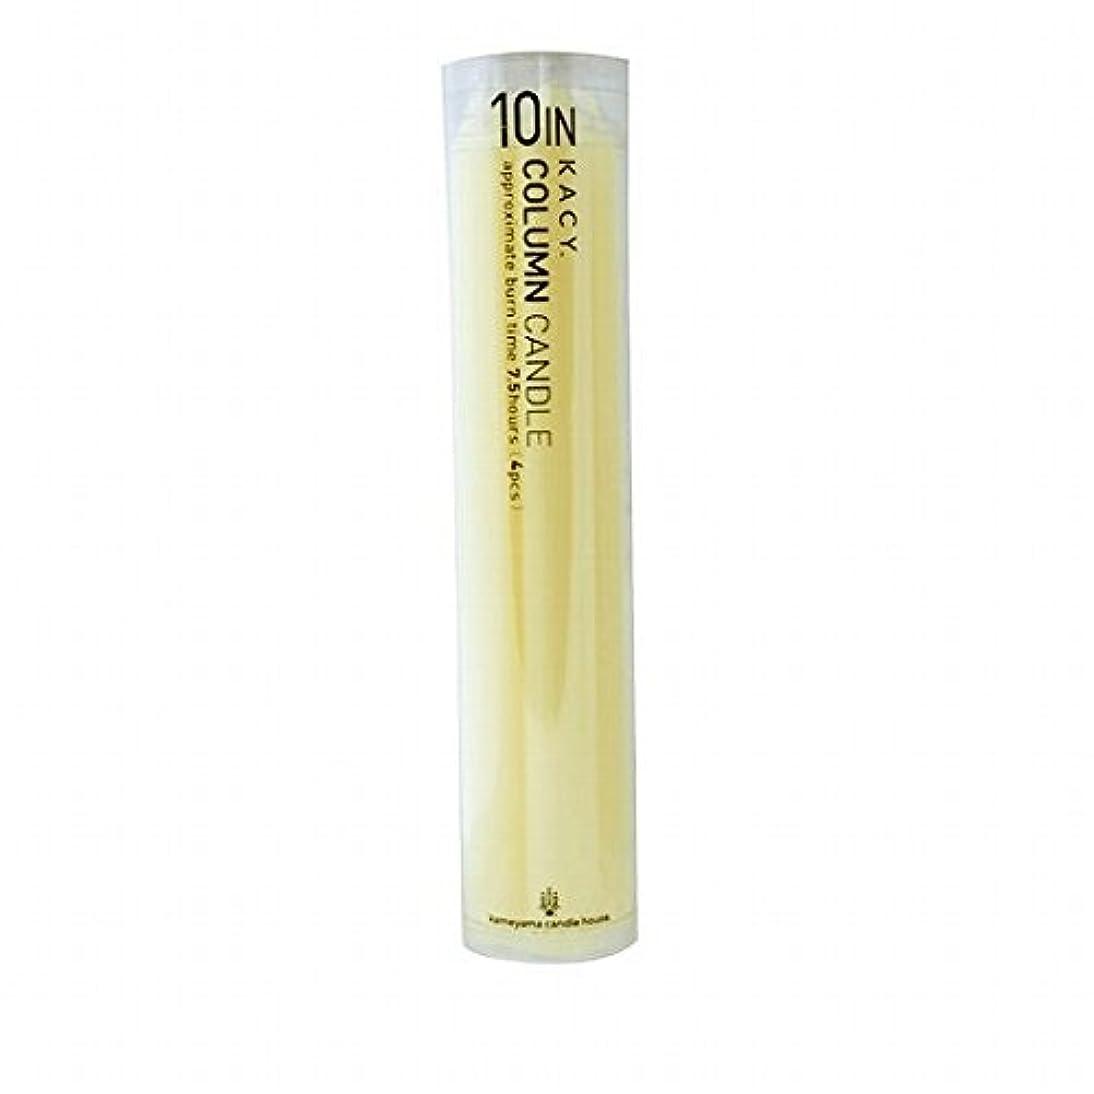 意気込みバクテリア方法カメヤマキャンドル(kameyama candle) 10インチコラムキャンドル4本入り 「 アイボリー 」